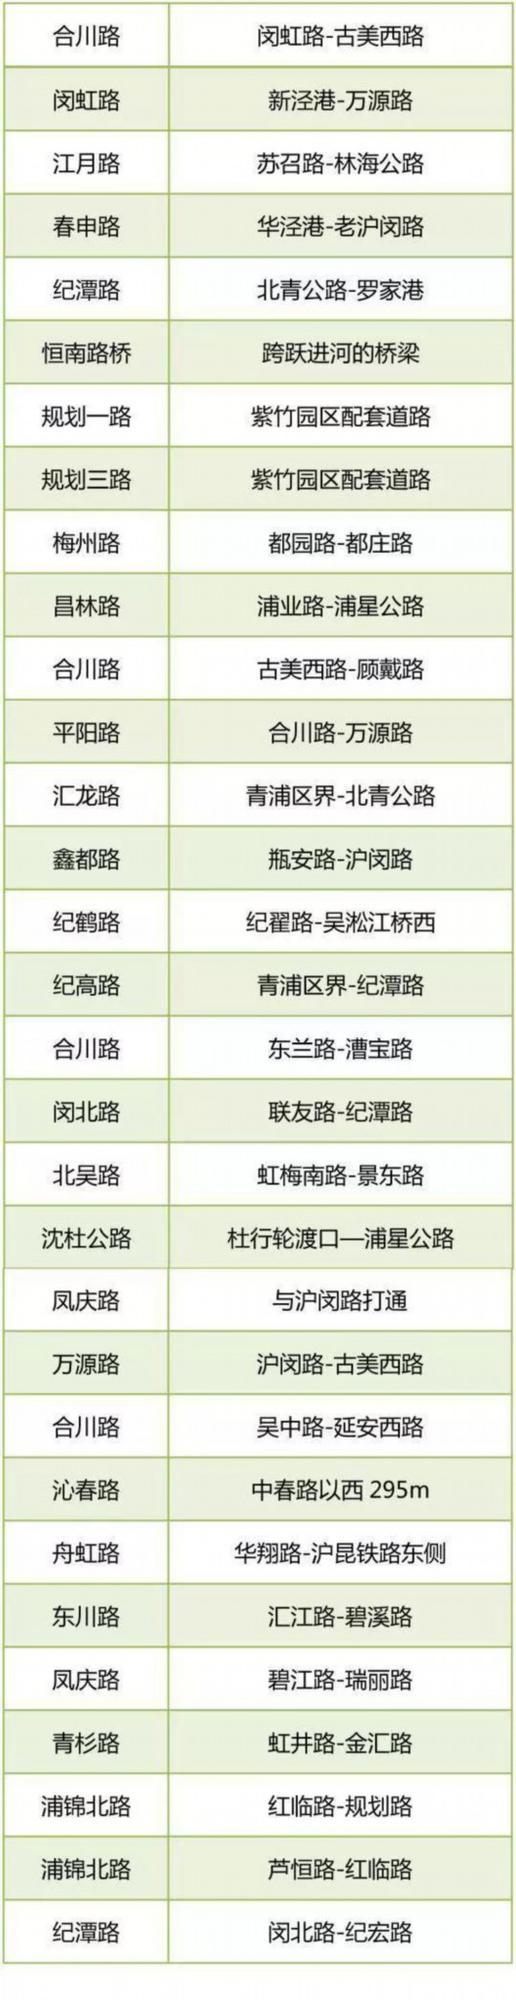 """闵行第一轮58条""""断头路""""竣工31条 剩下已开工"""